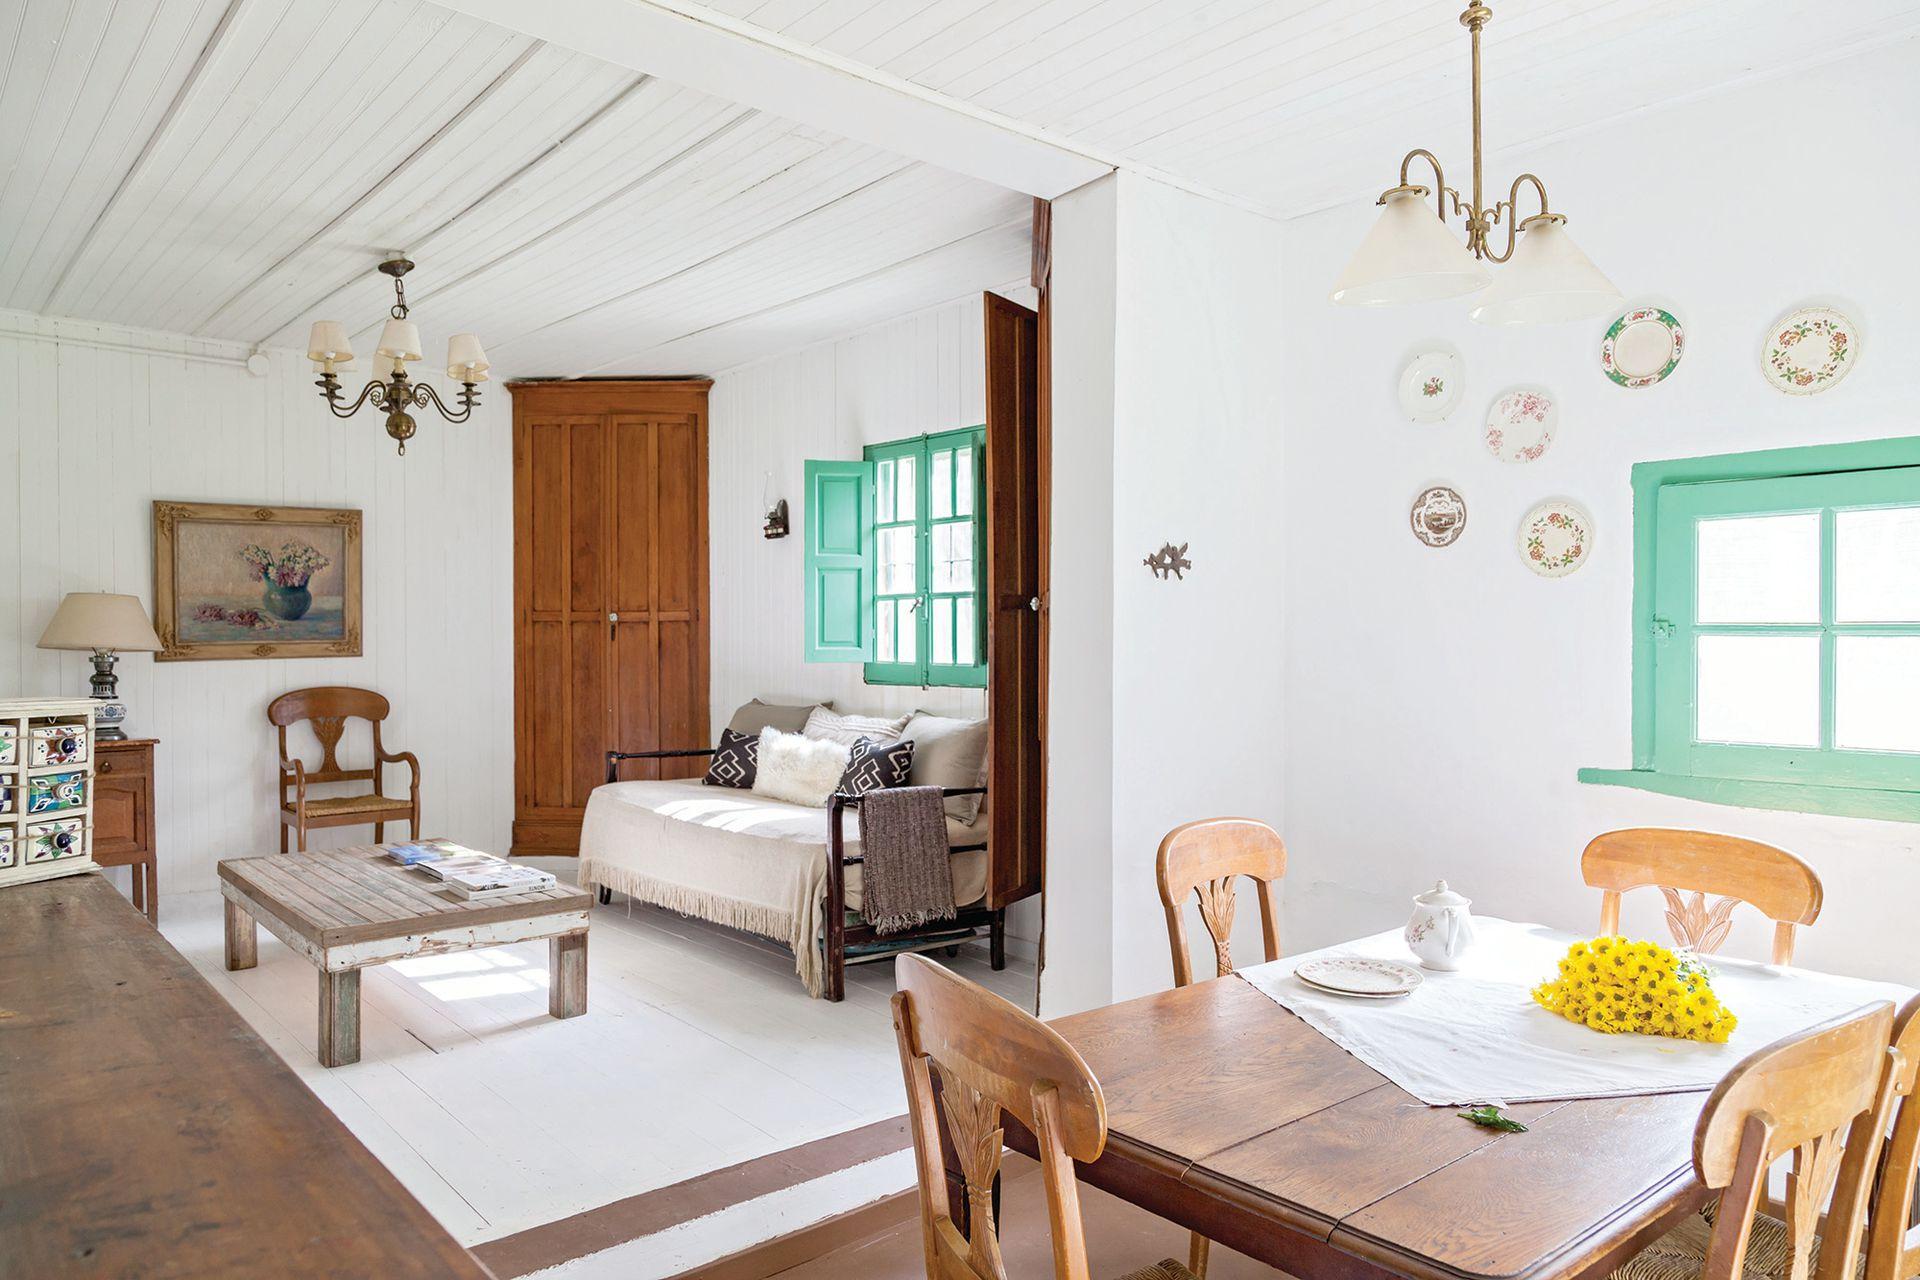 Después: Después de reemplazar viejos tablones, el piso del living fue pulido y, finalmente, cubierto con pintura blanca, lo que le imprime mucha luminosidad a la caja, al punto que parece otra vivienda.